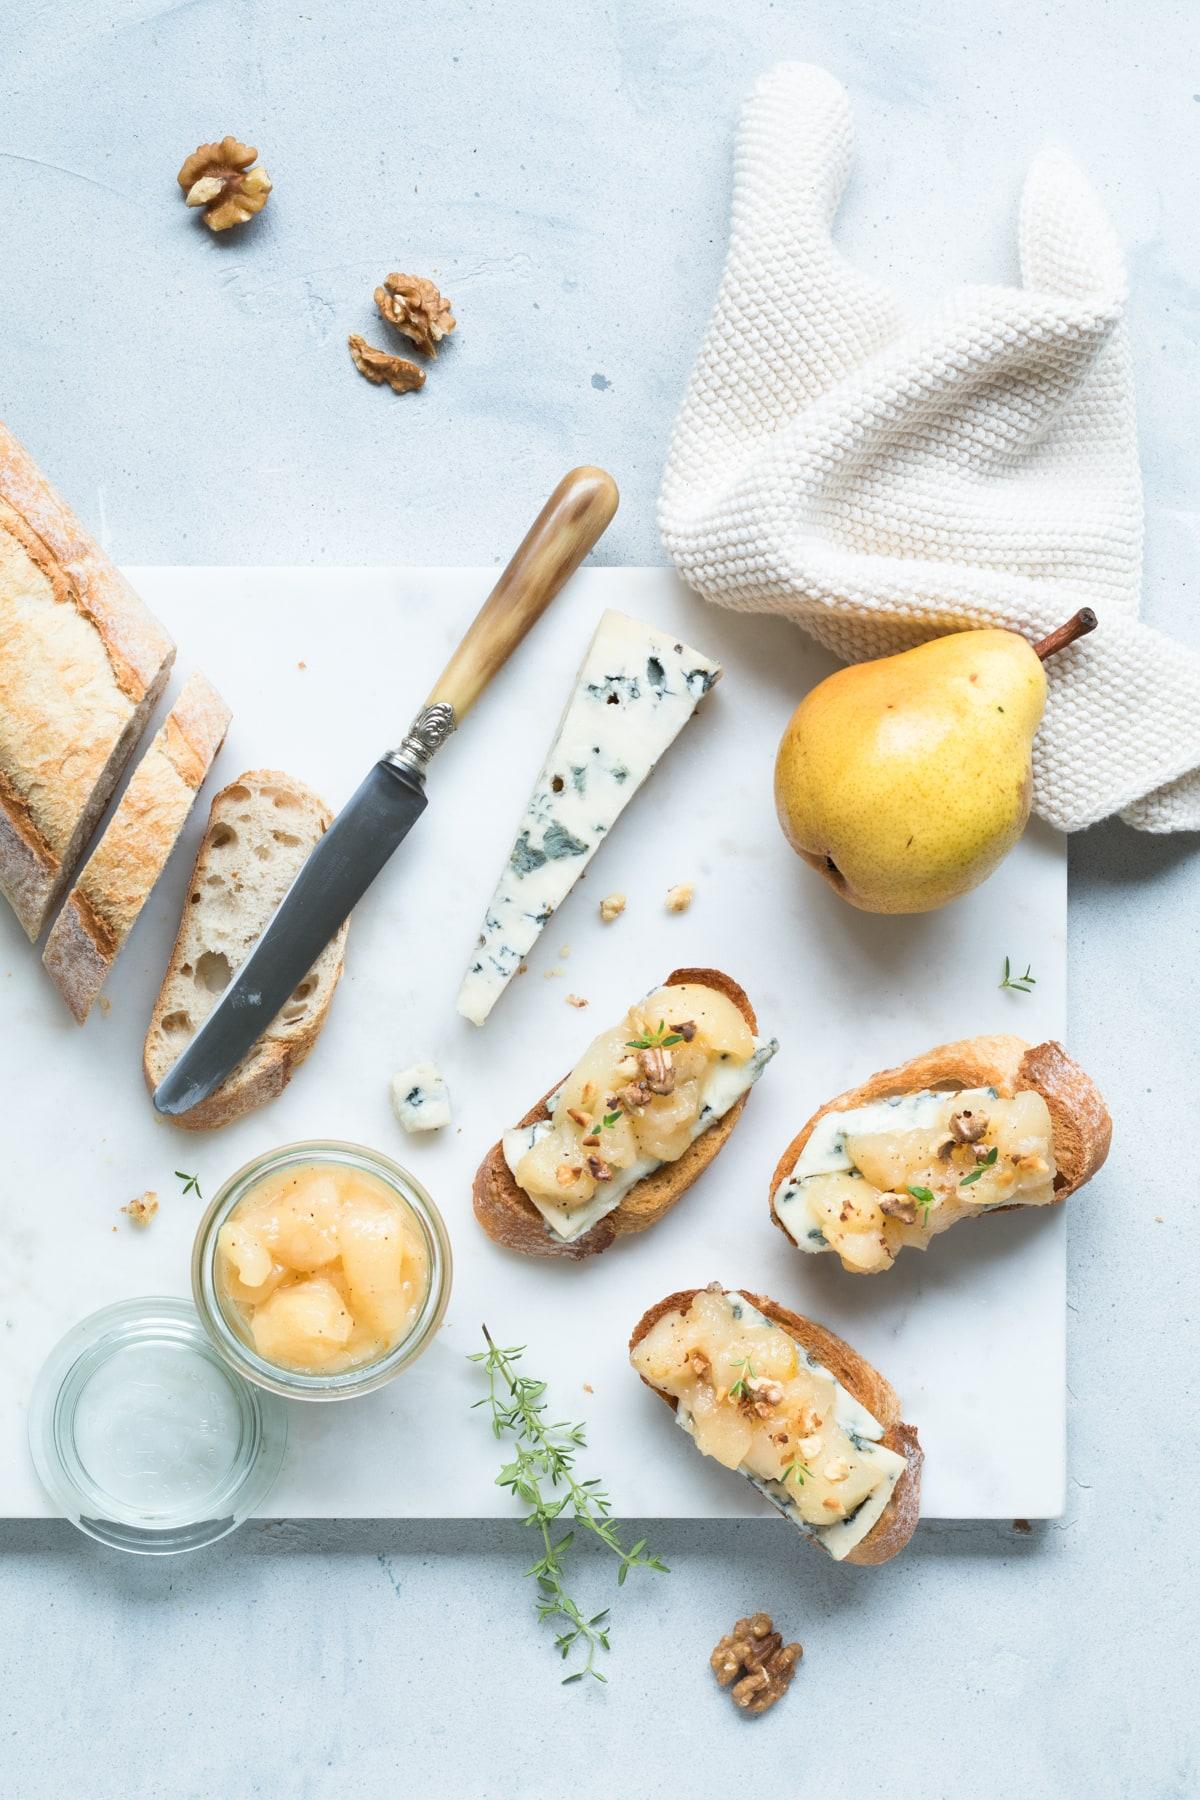 Crostini au grogonzola et à la compotée de poires